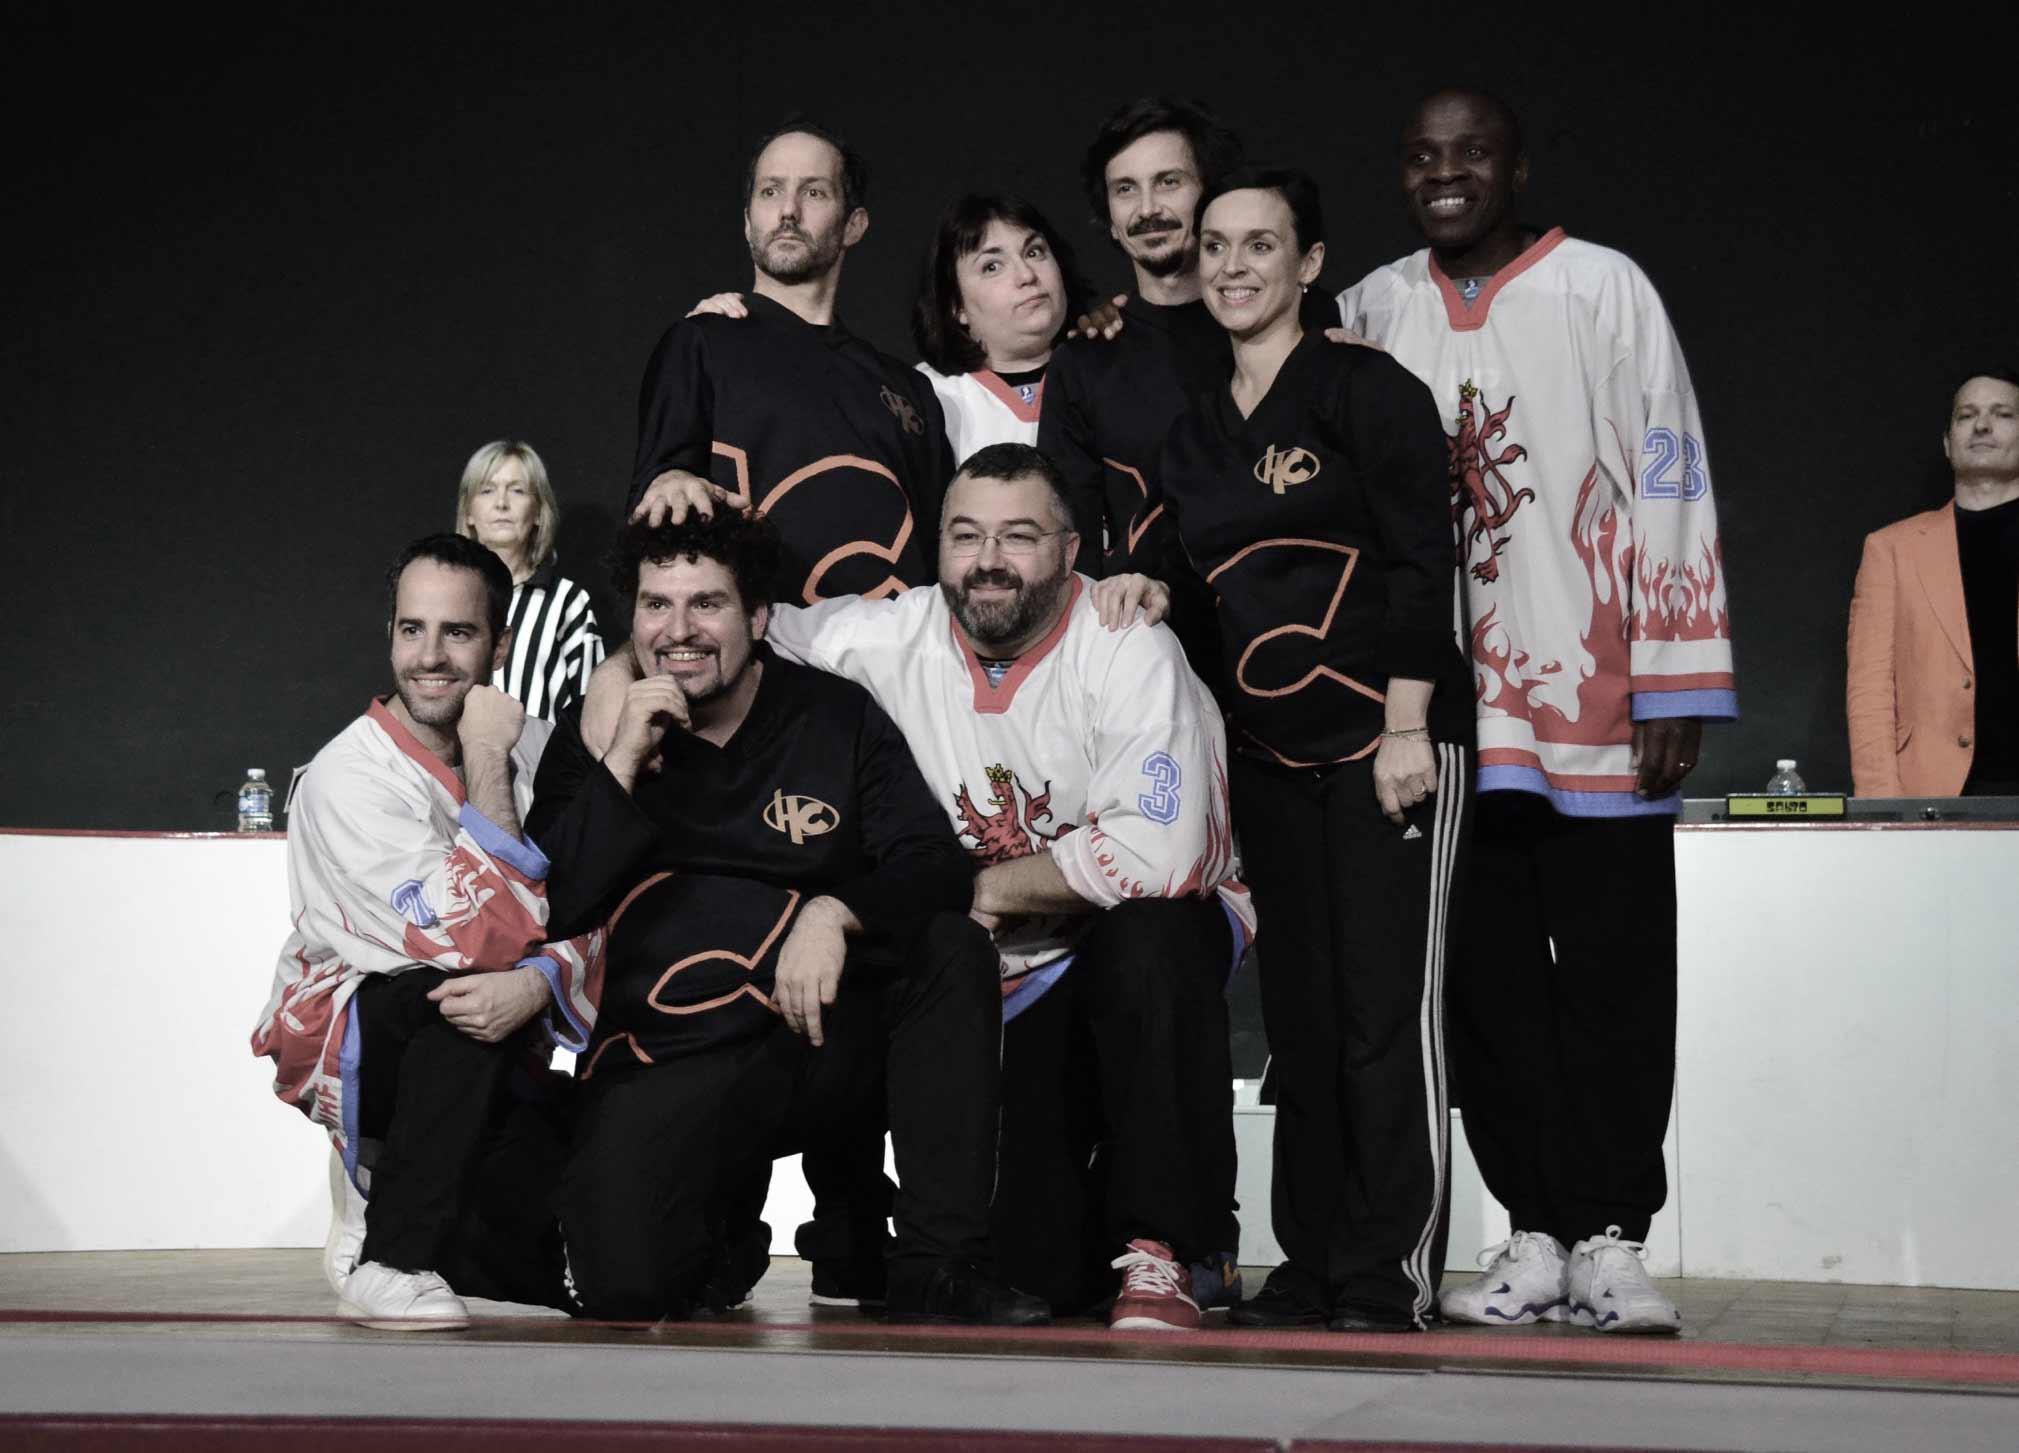 Théâtre d'improvisation - Le match d'improvisation est une forme de théâtre d'improvisation qui utilise le format d'une compétition pseudo-sportive empruntant les codes du hockey sur glace.